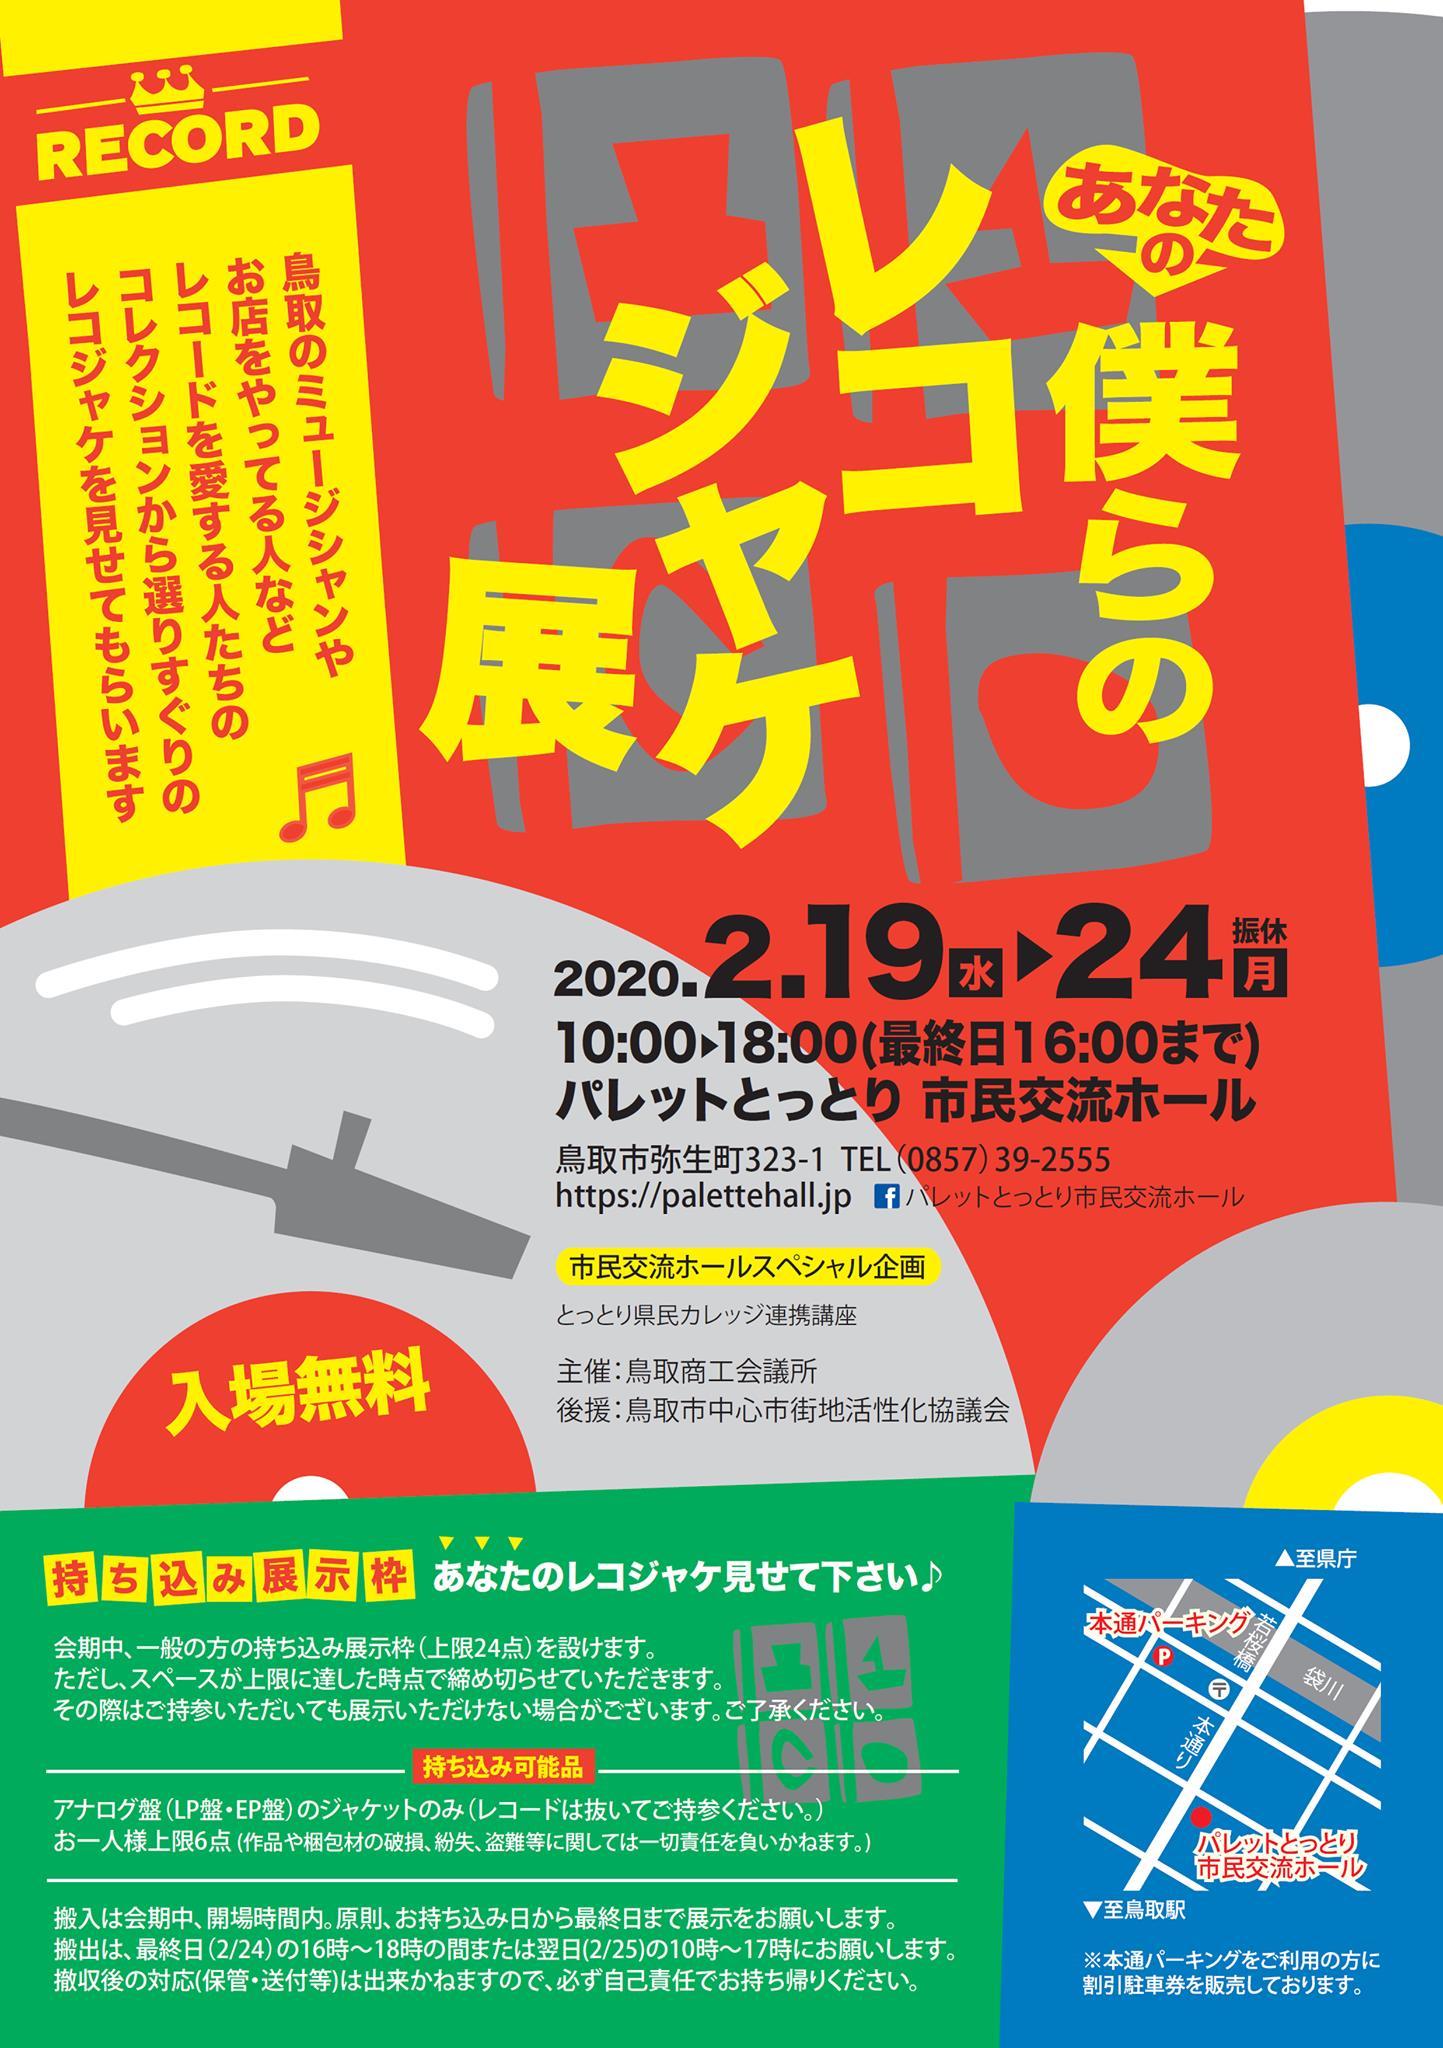 レコジャケ展2020